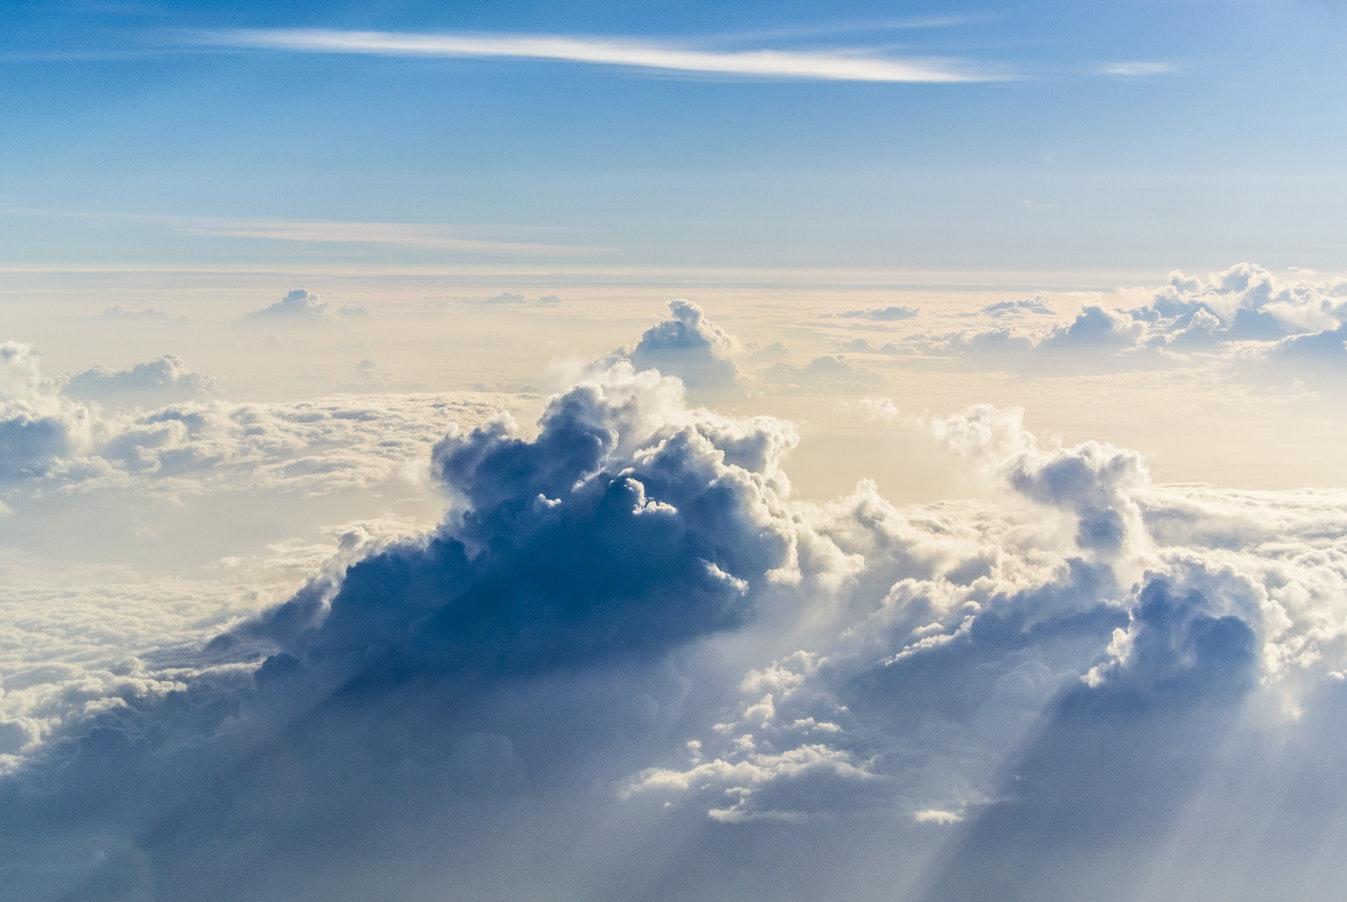 La nube no es más que el ordenador de otro. Un ordenador que no controlamos.